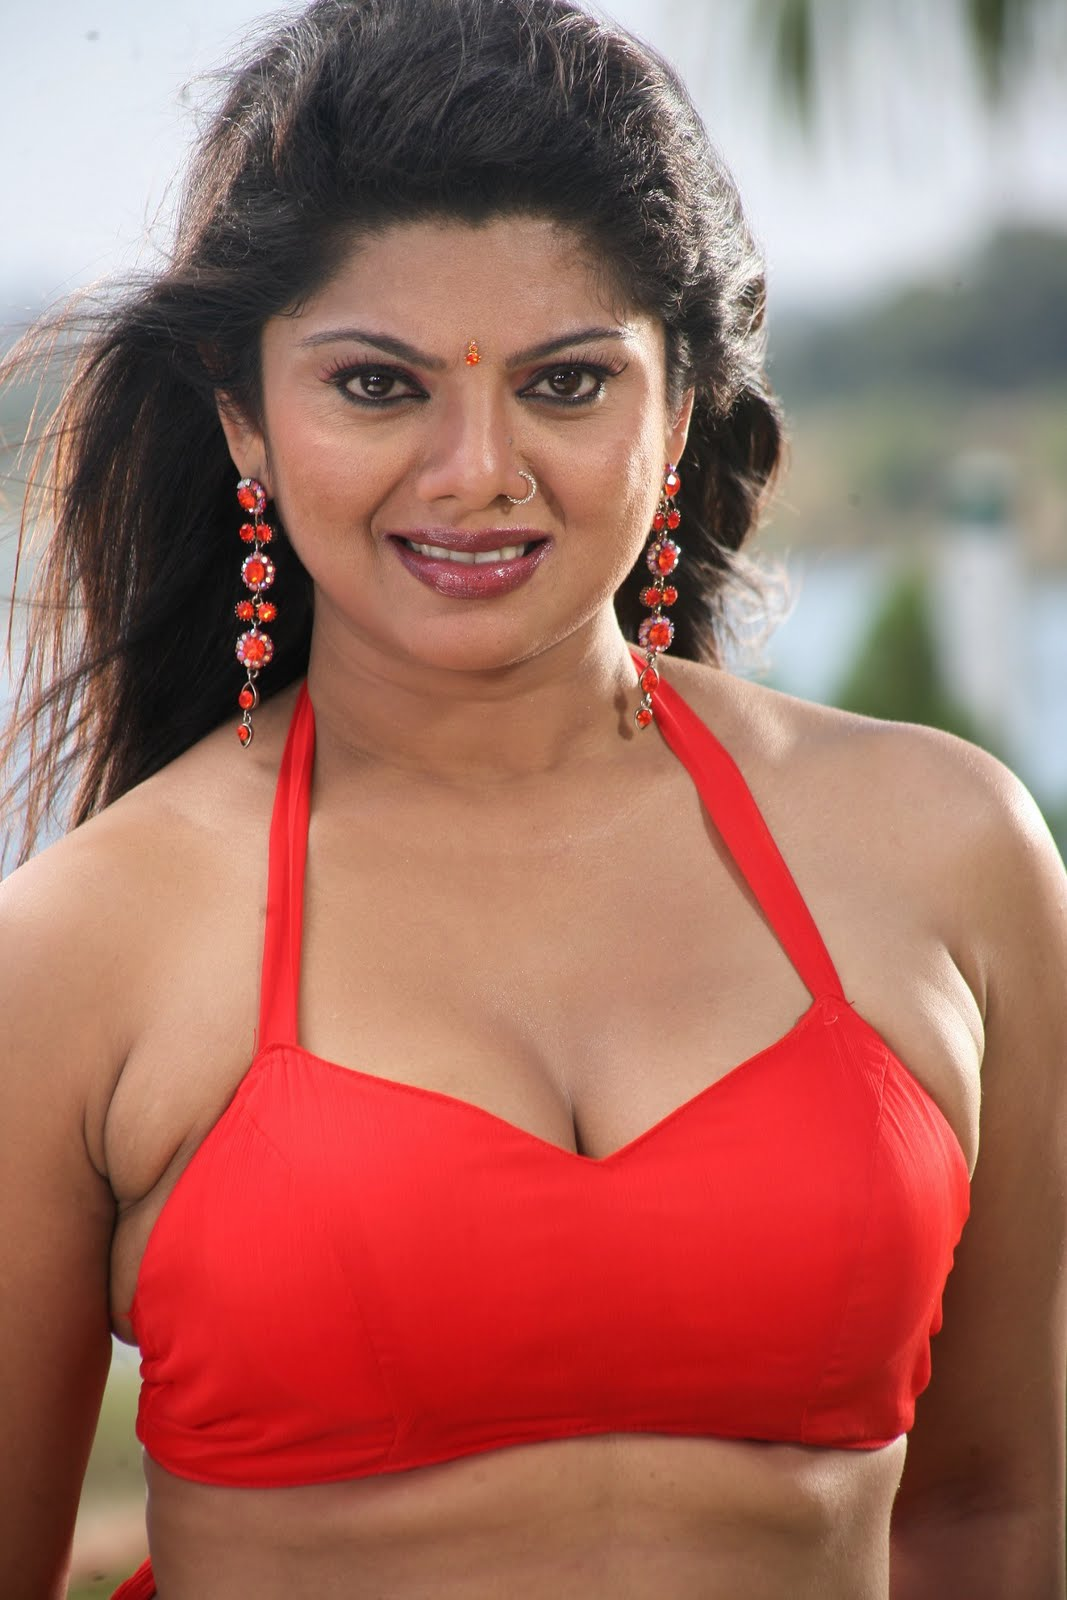 http://4.bp.blogspot.com/_XqT5QI2tKm0/TF-i7minjgI/AAAAAAAAF6c/fhO1SG_Lm50/s1600/Swathi-Varma-Hot-Photo-gallery.jpg